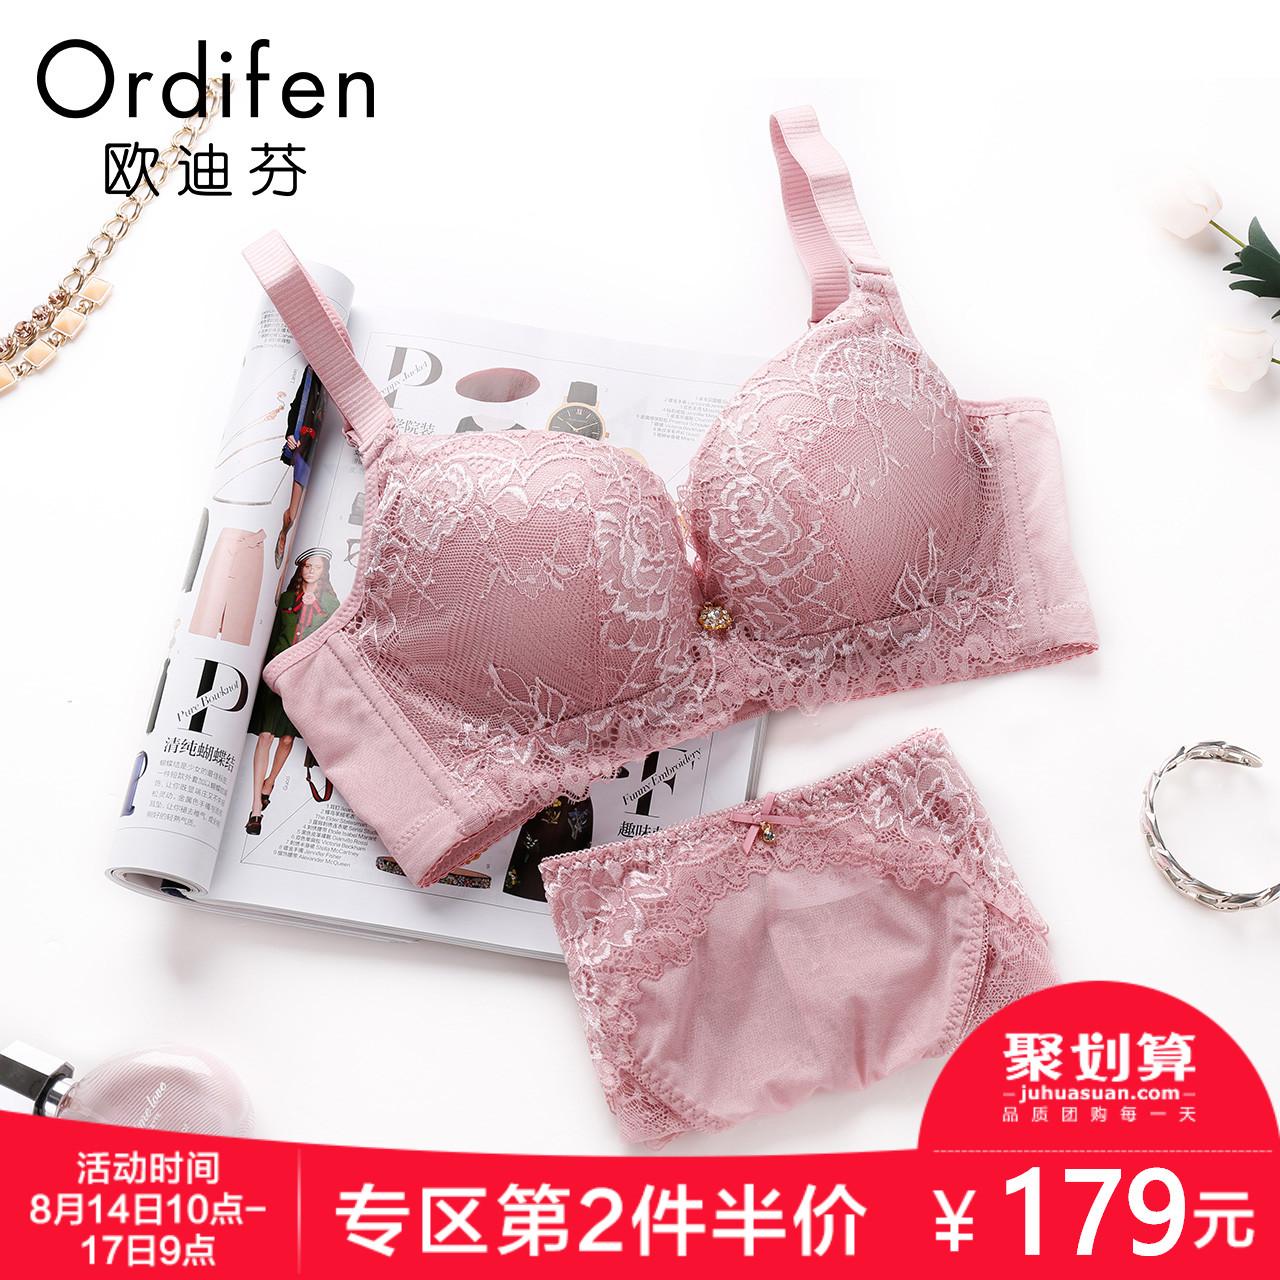 欧迪芬新款美背聚拢文胸性感蕾丝透明内衣内裤女套装XA83523